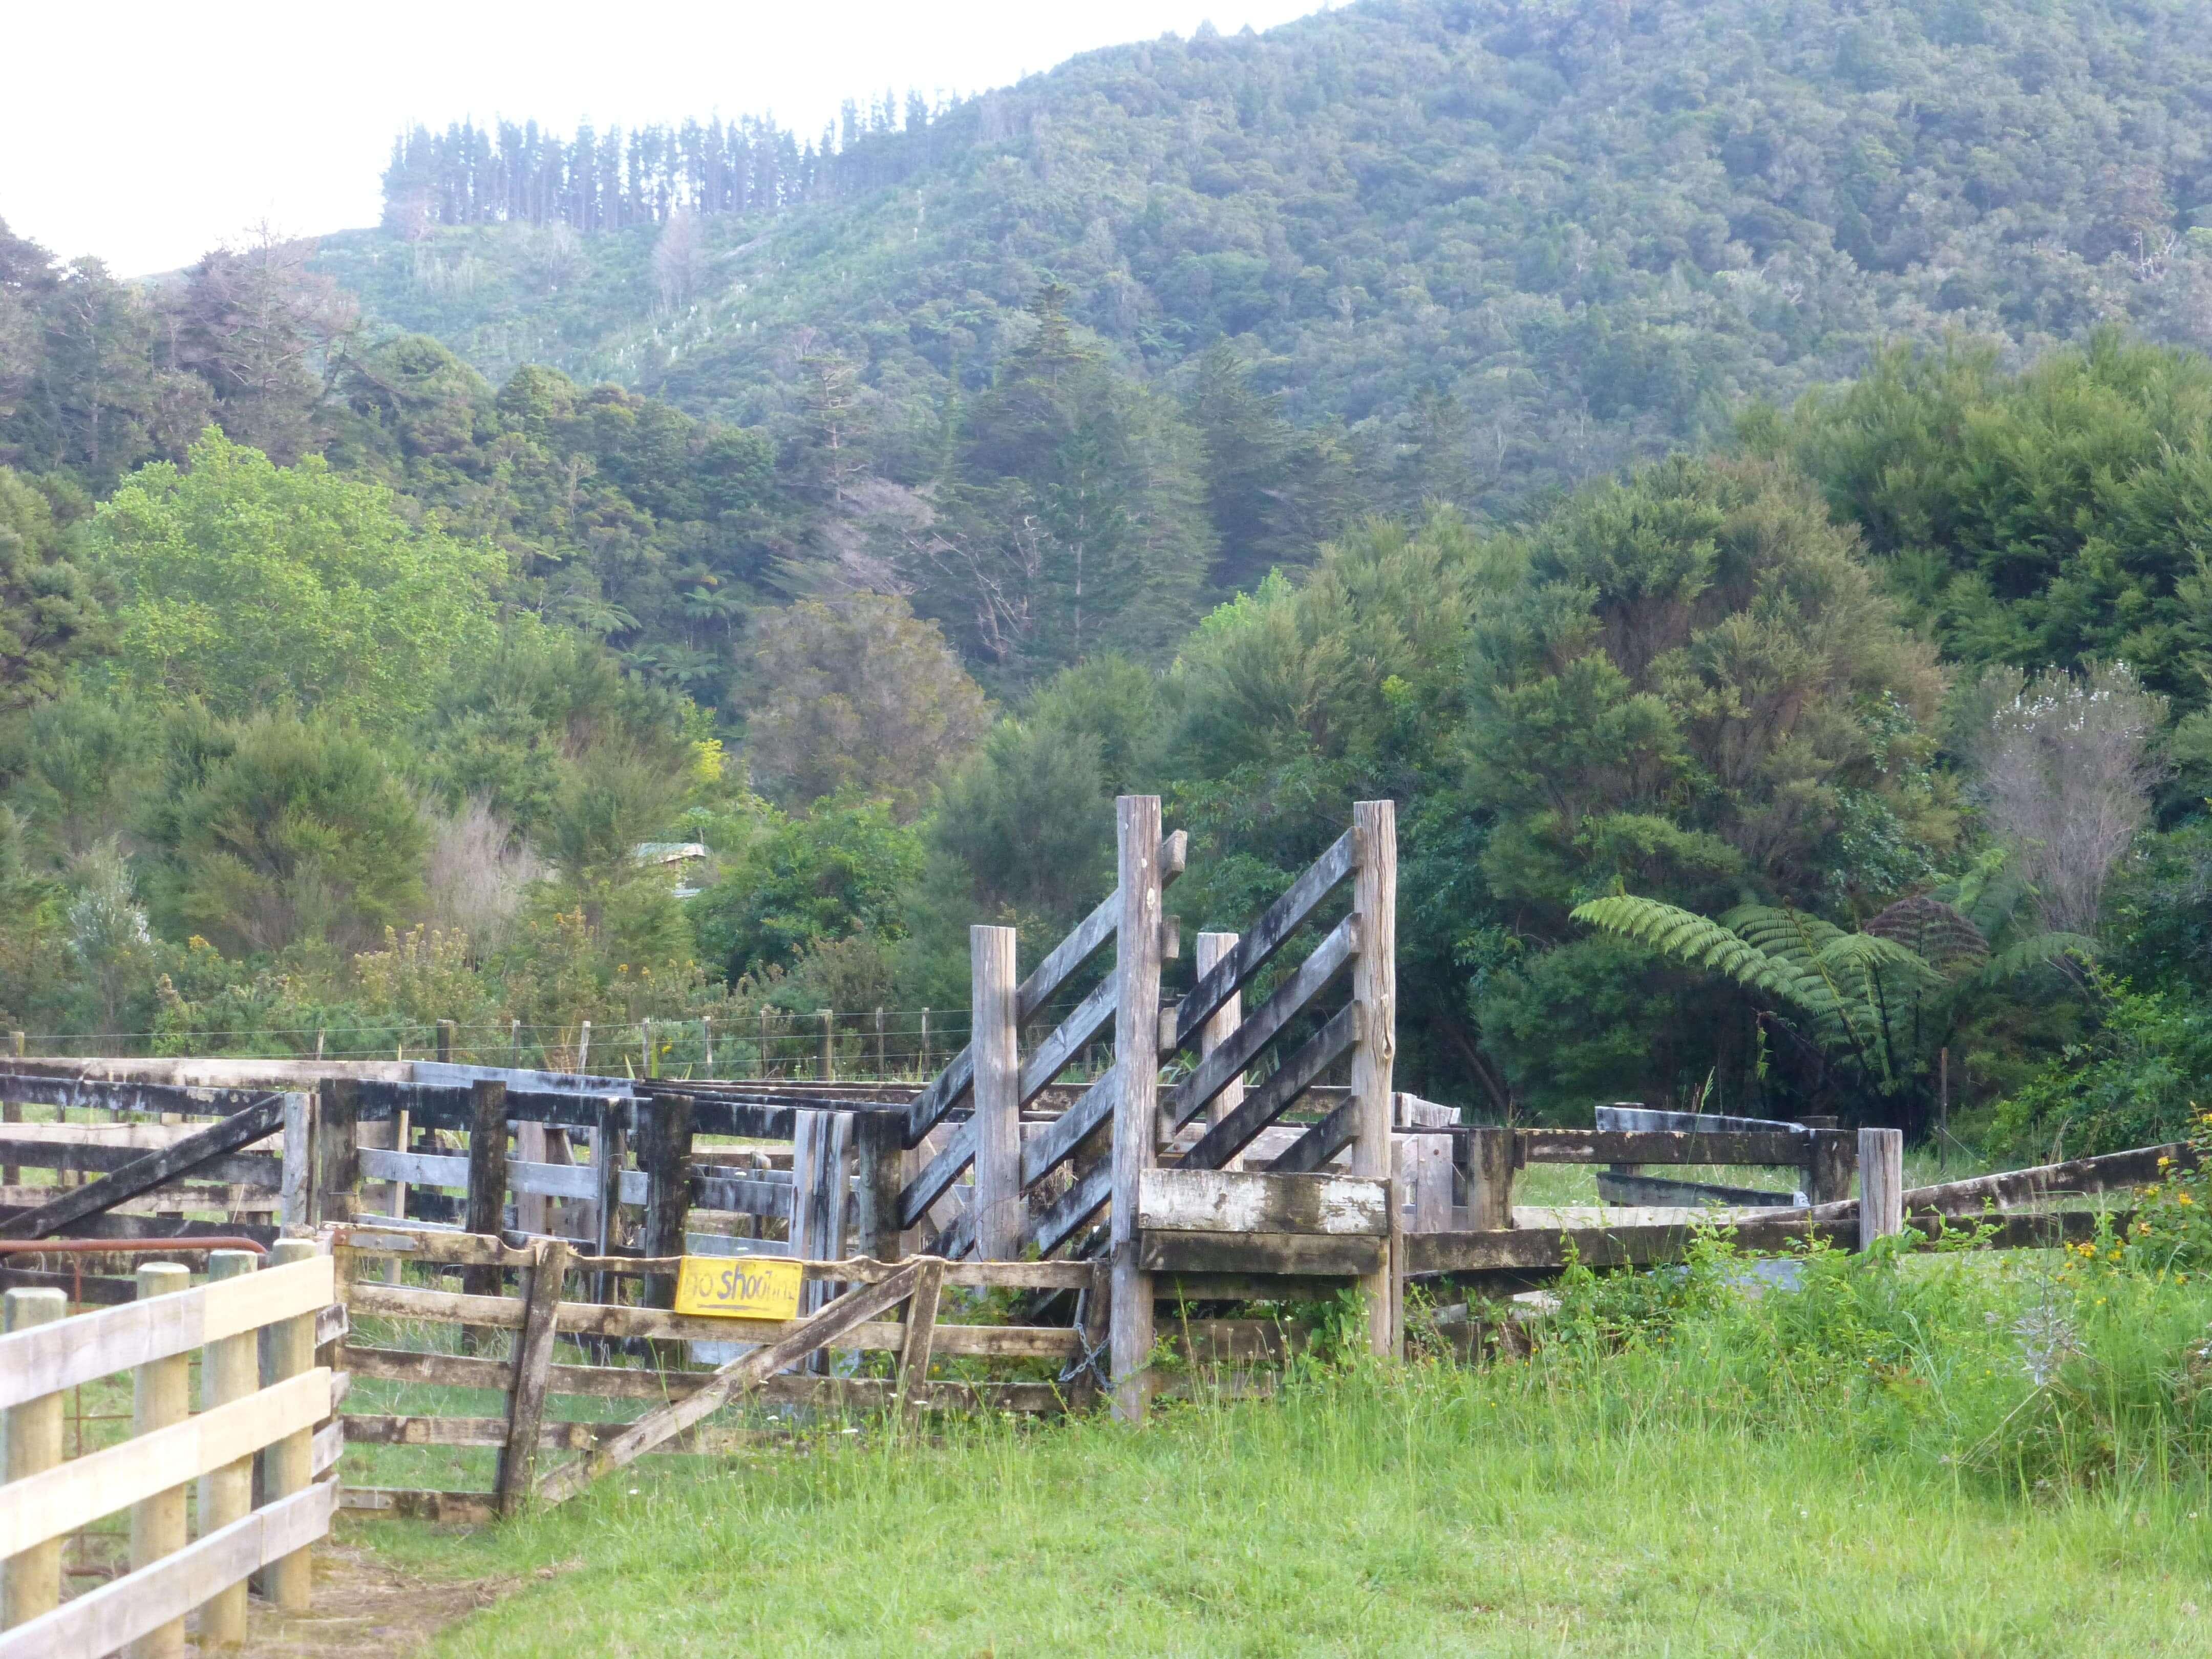 Weit weg reisen, Campingplatz Raetea North Side 7